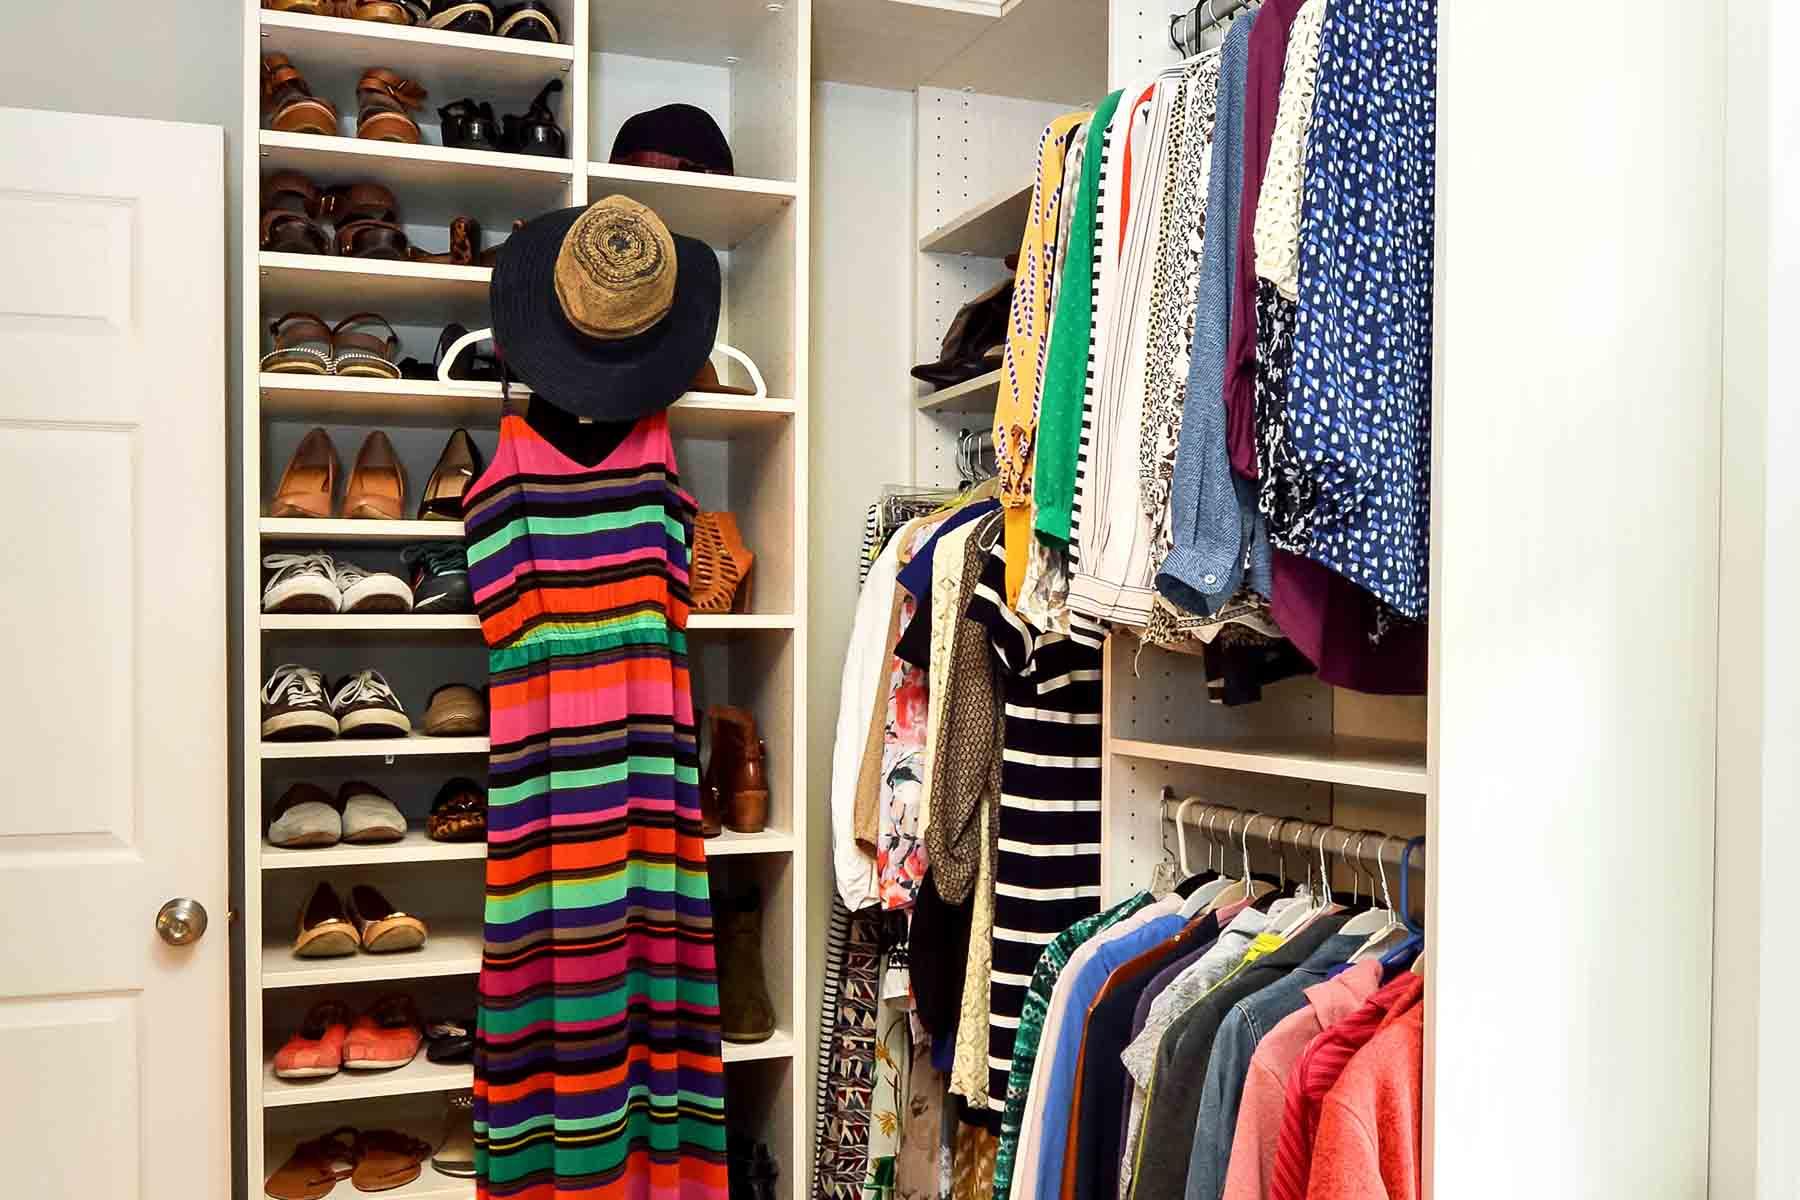 Closet maximizing storage with double hanging